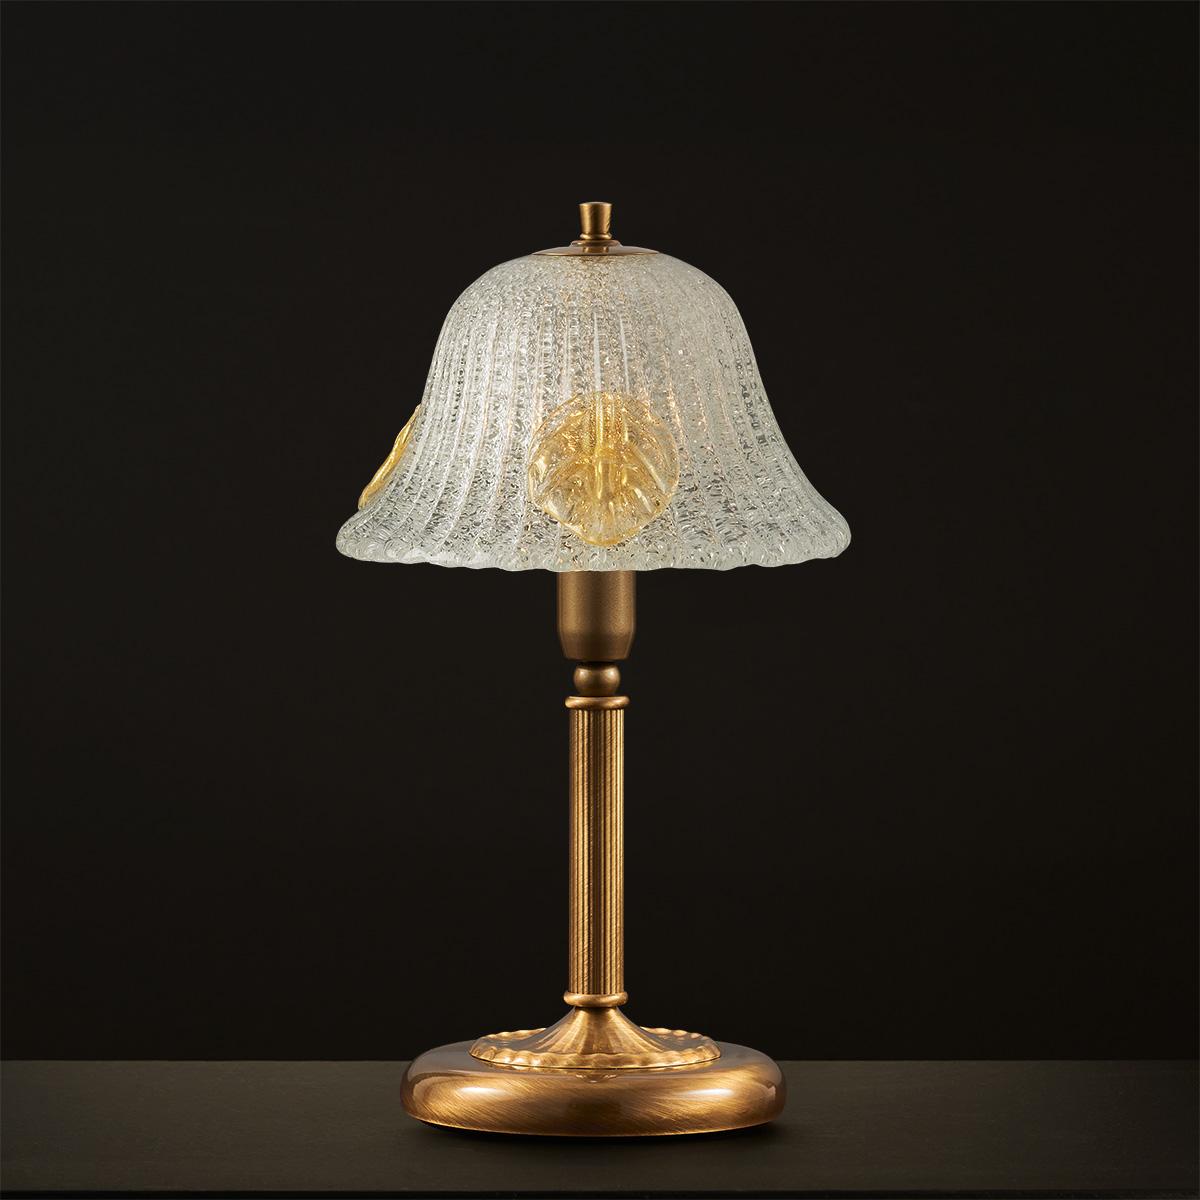 Μπρούτζινο οξειδωμένο πορτατίφ ΦΥΛΛΟ brass oxidized table lamp